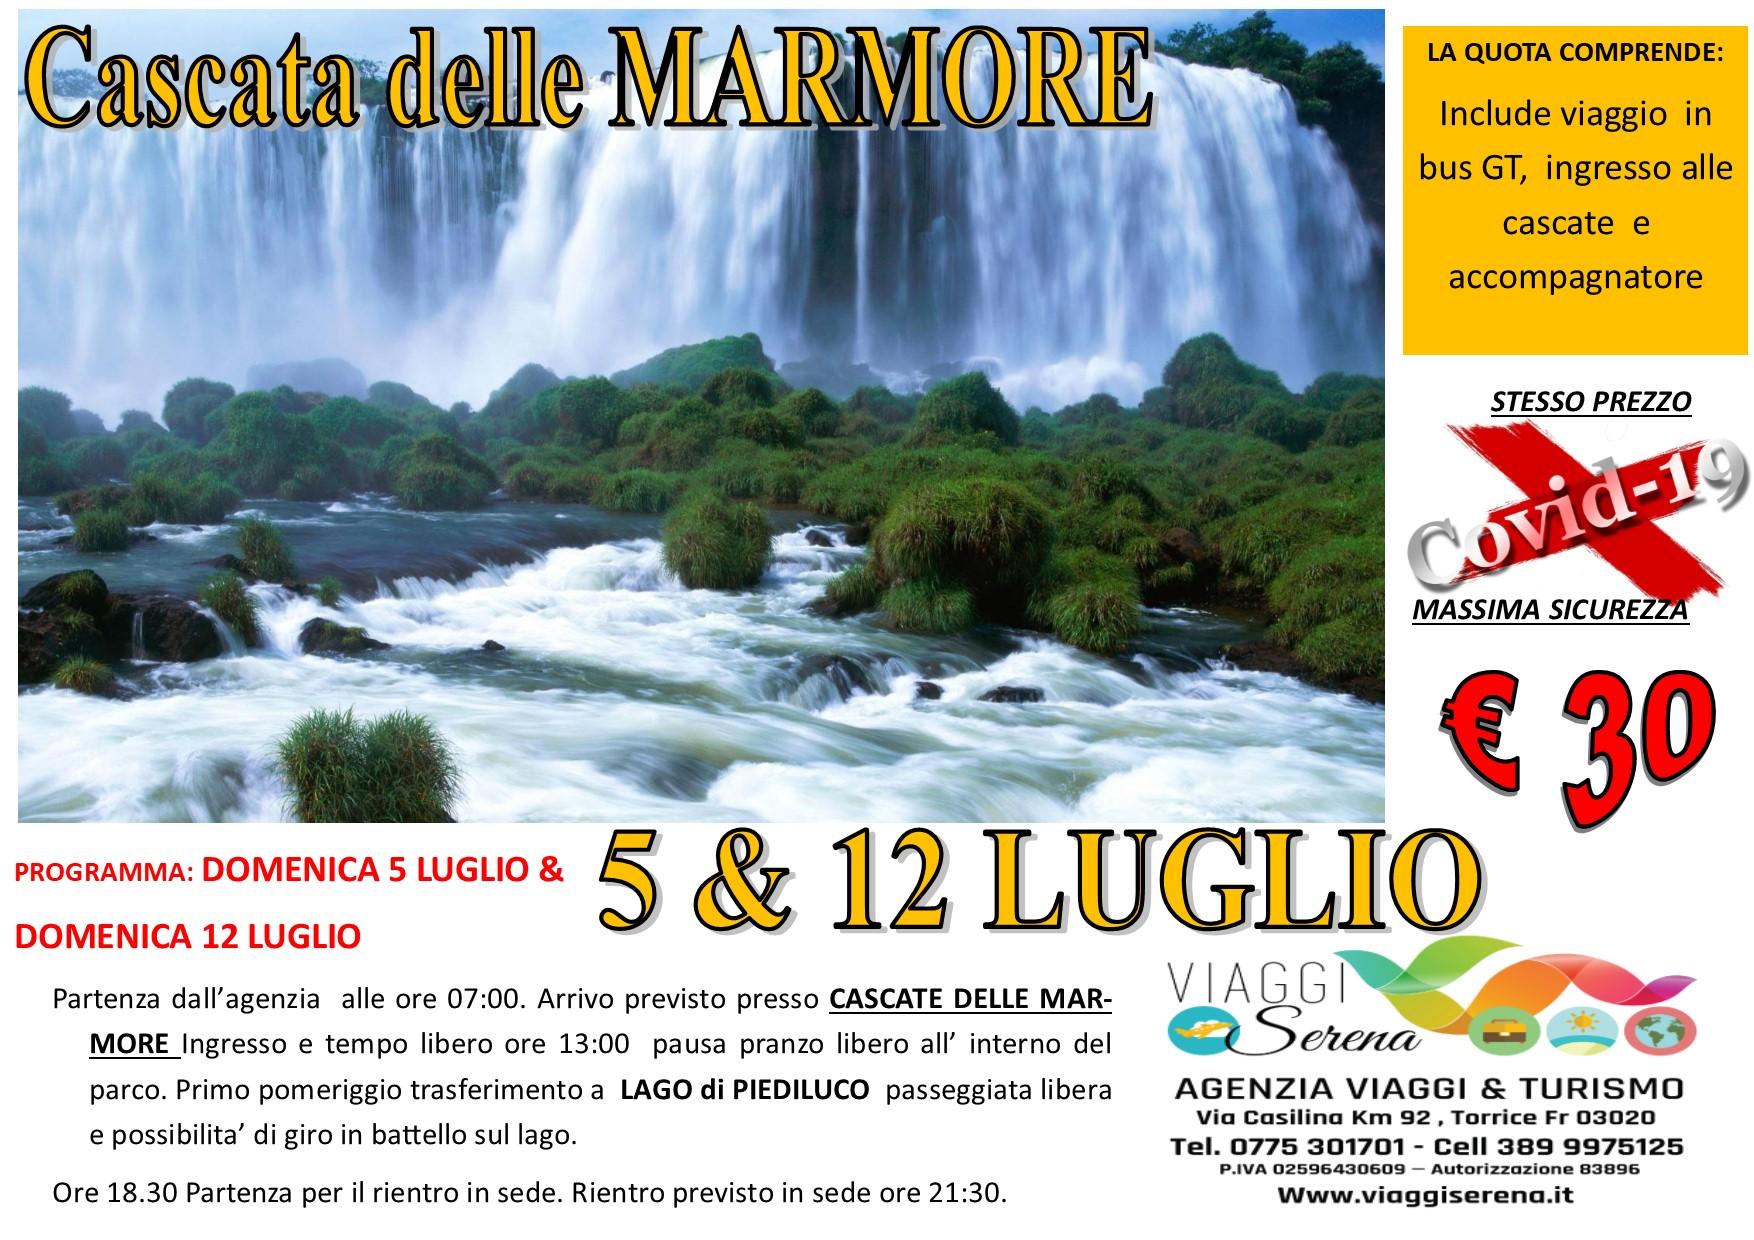 Viaggi di Gruppo: Cascate delle Marmore e Lago di Piediluco 12 LUGLIO € 30,00